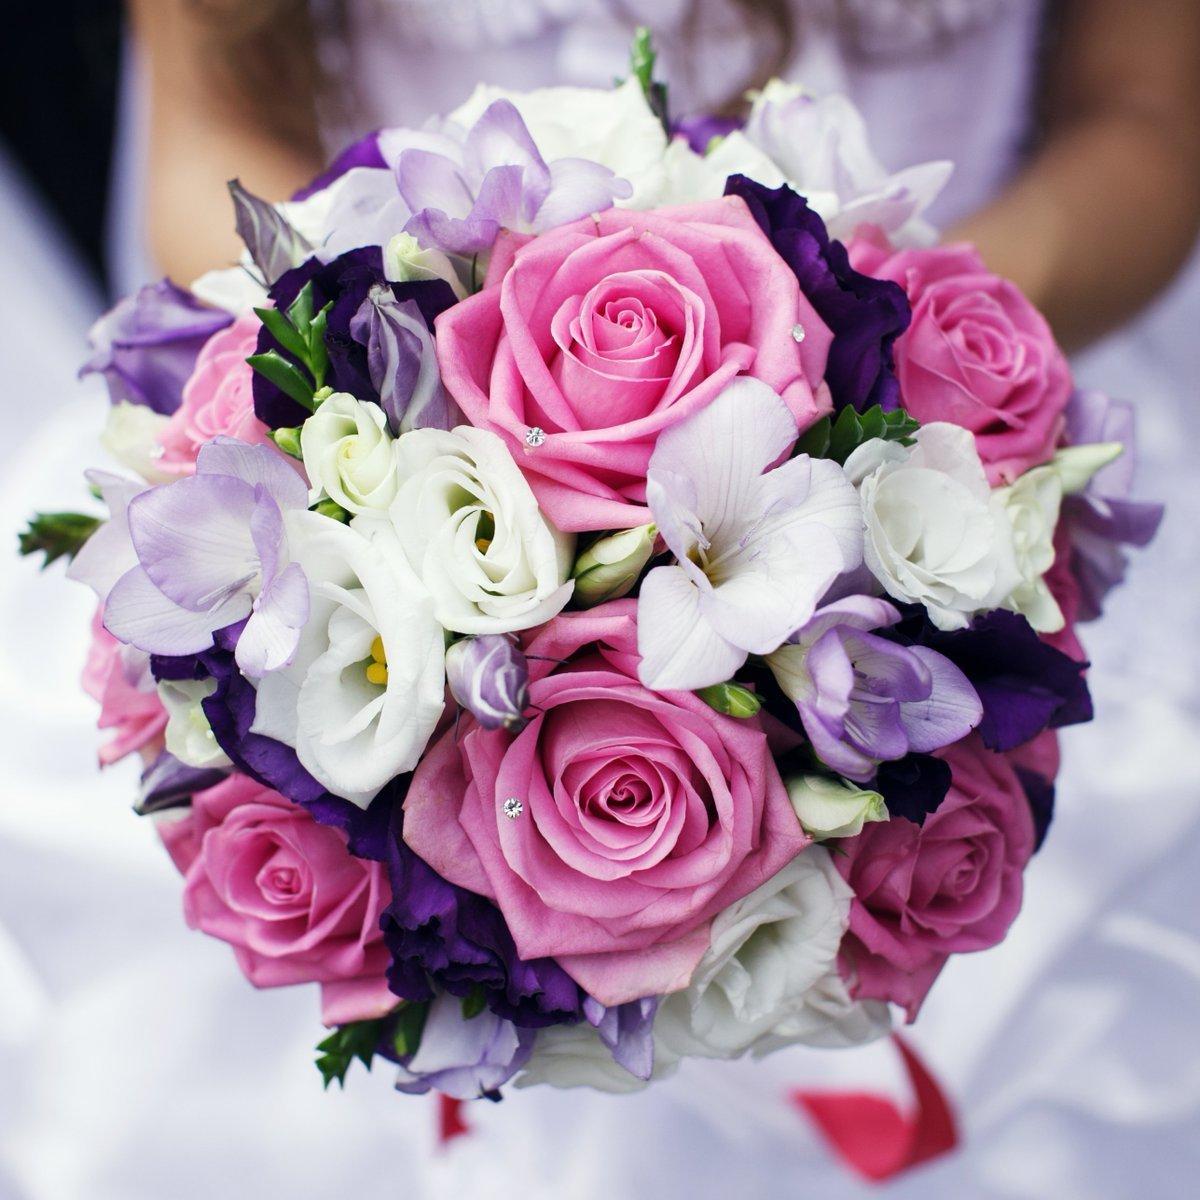 Купить цветы, заказать букетик для невесты